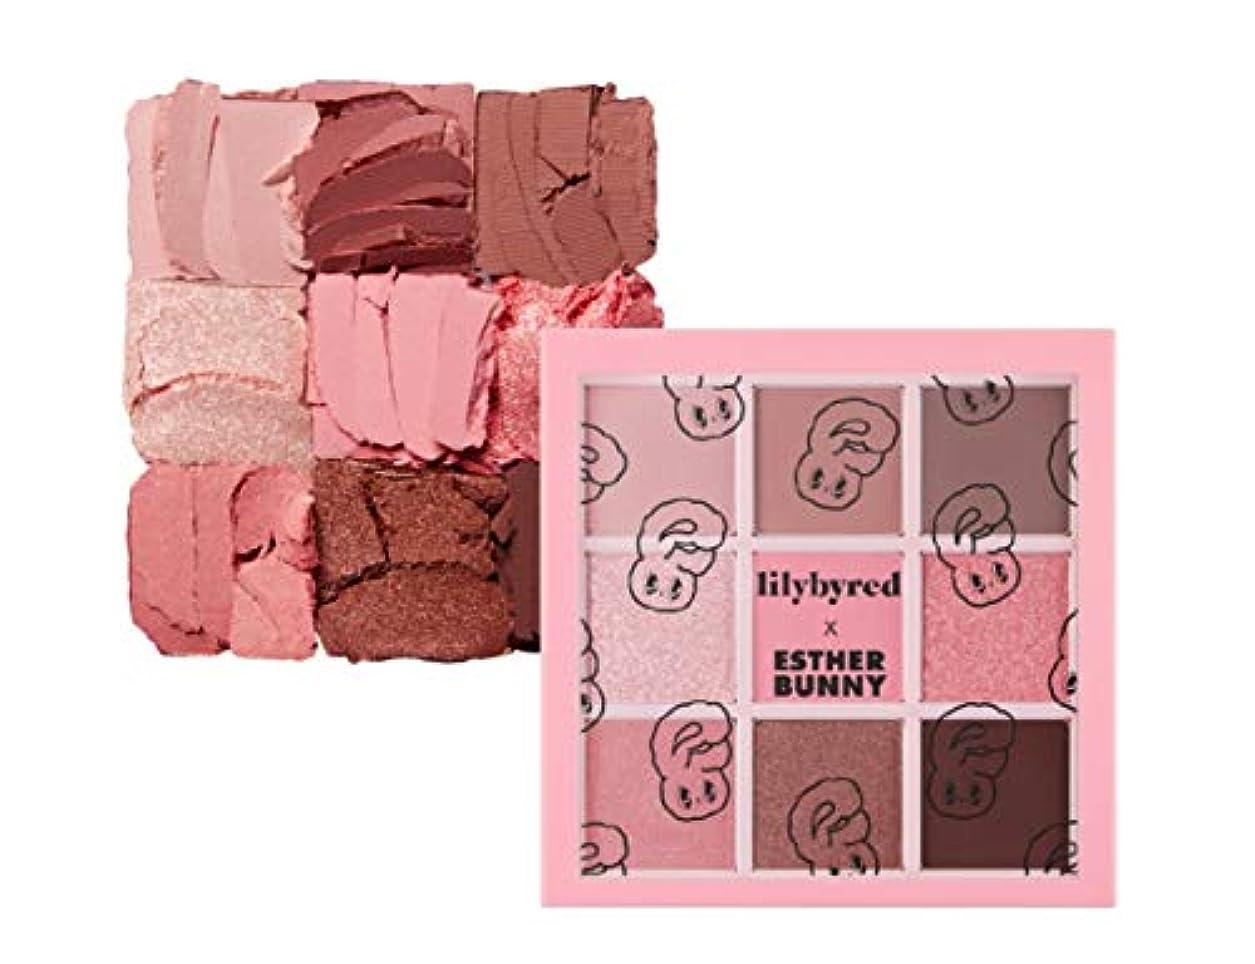 見つけた傾いた聴覚障害者LILYBYRED Mood Cheat Kit Eyeshadow Palette Pink Sweets告発色、高密着、告知の中独歩的な高クオリティアイシャドウパレット9color(並行輸入品)